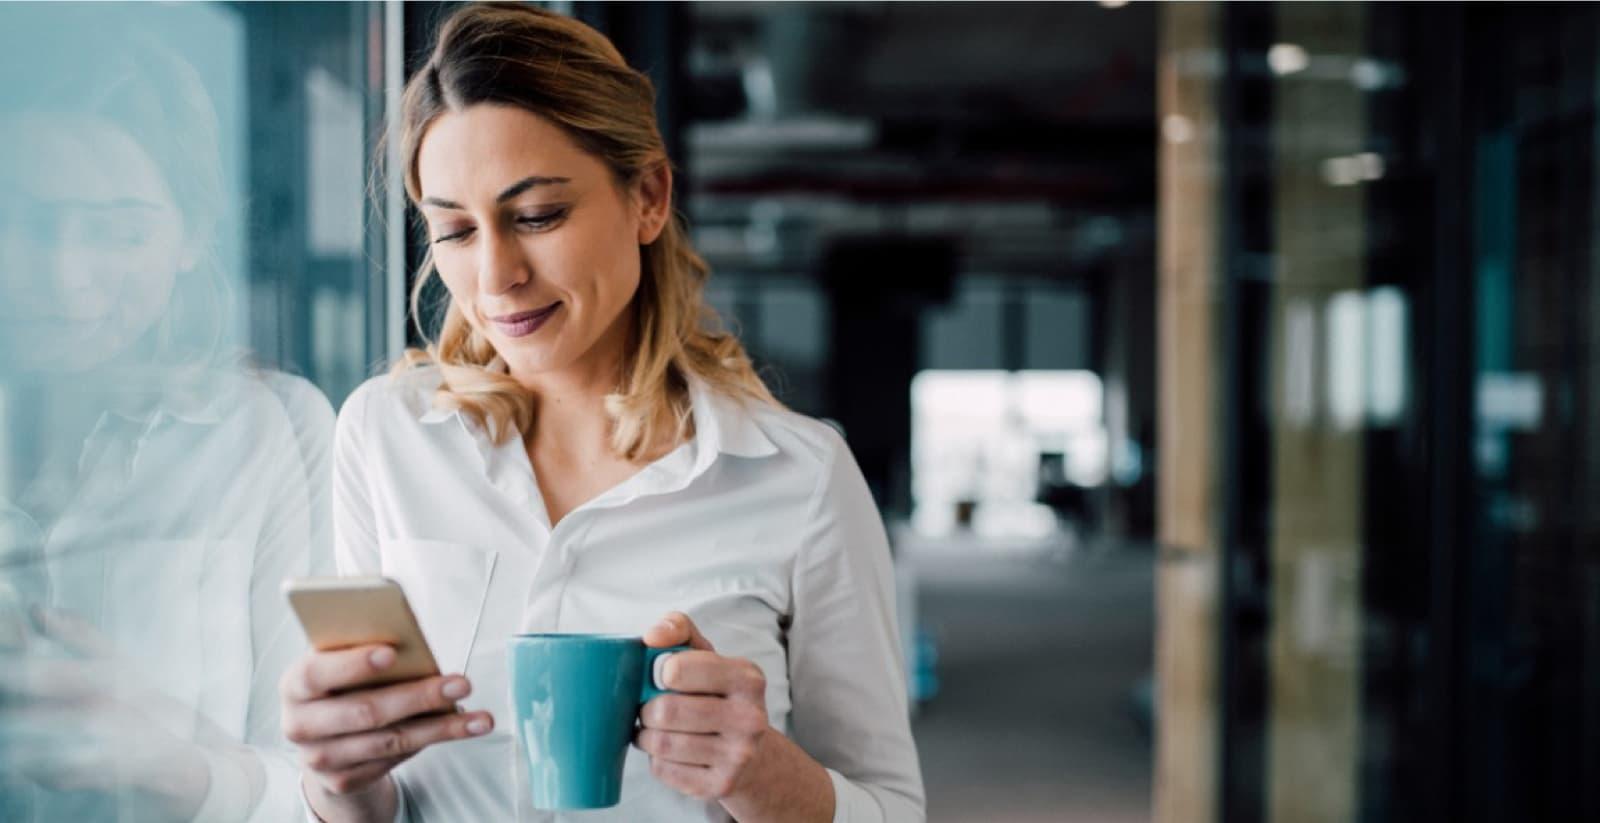 Kvinna jämför lånevillkor på sin mobil